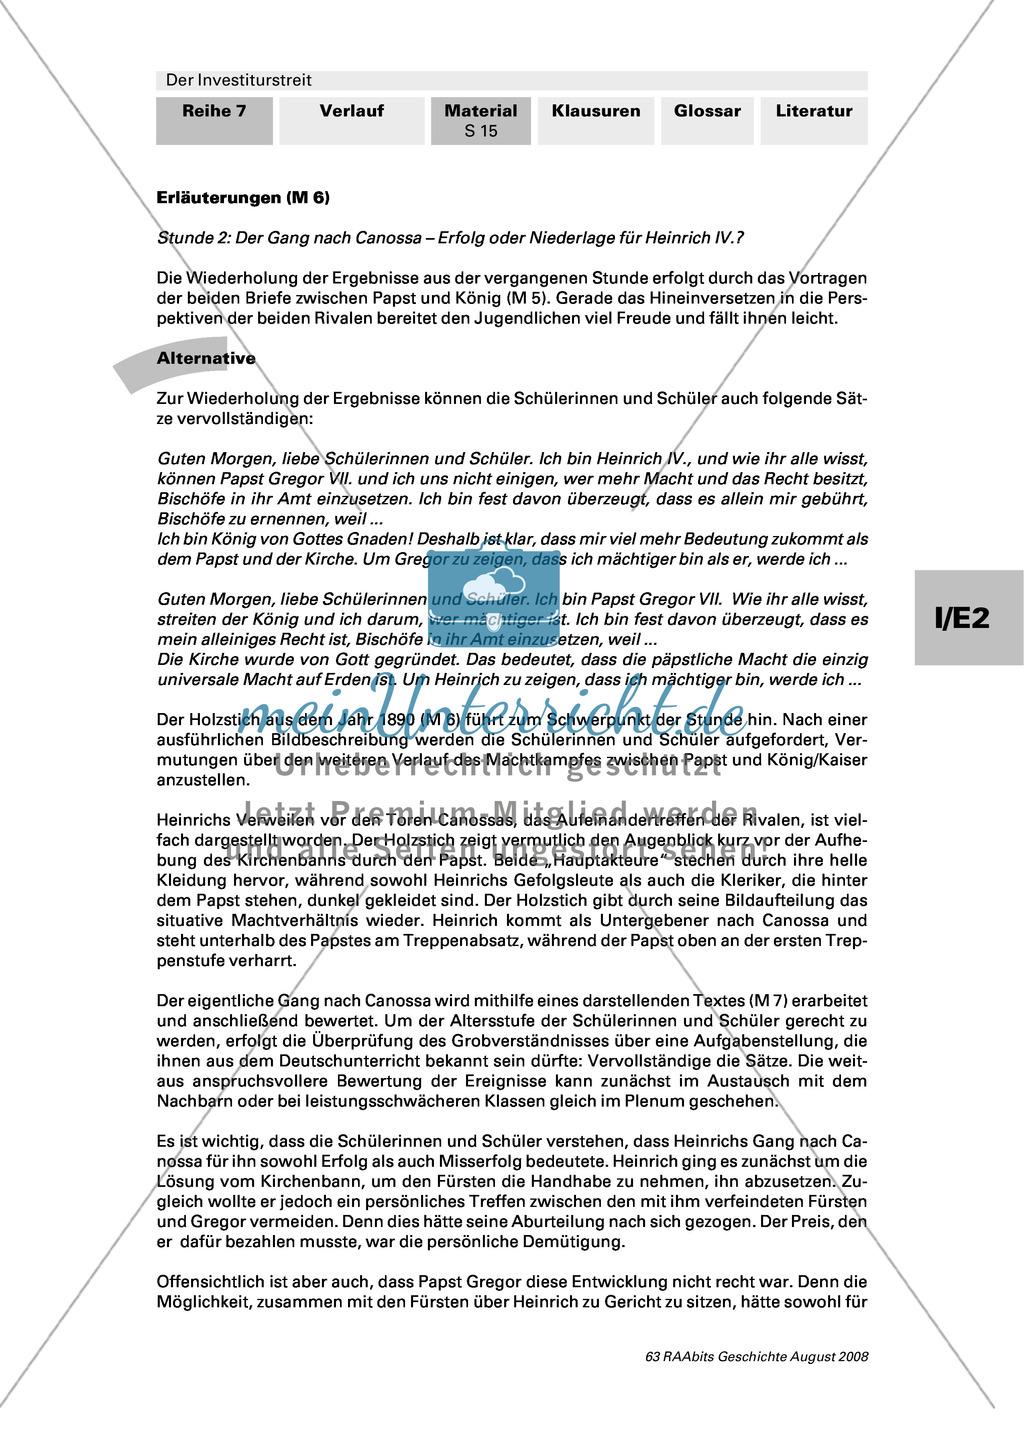 Der Investiturstreit: Der Gang nach Canossa als Sieg oder Niederlage für Heinrich IV. bewerten + ein Interview mit Heinrich IV. und Gregor VII. führen Preview 4